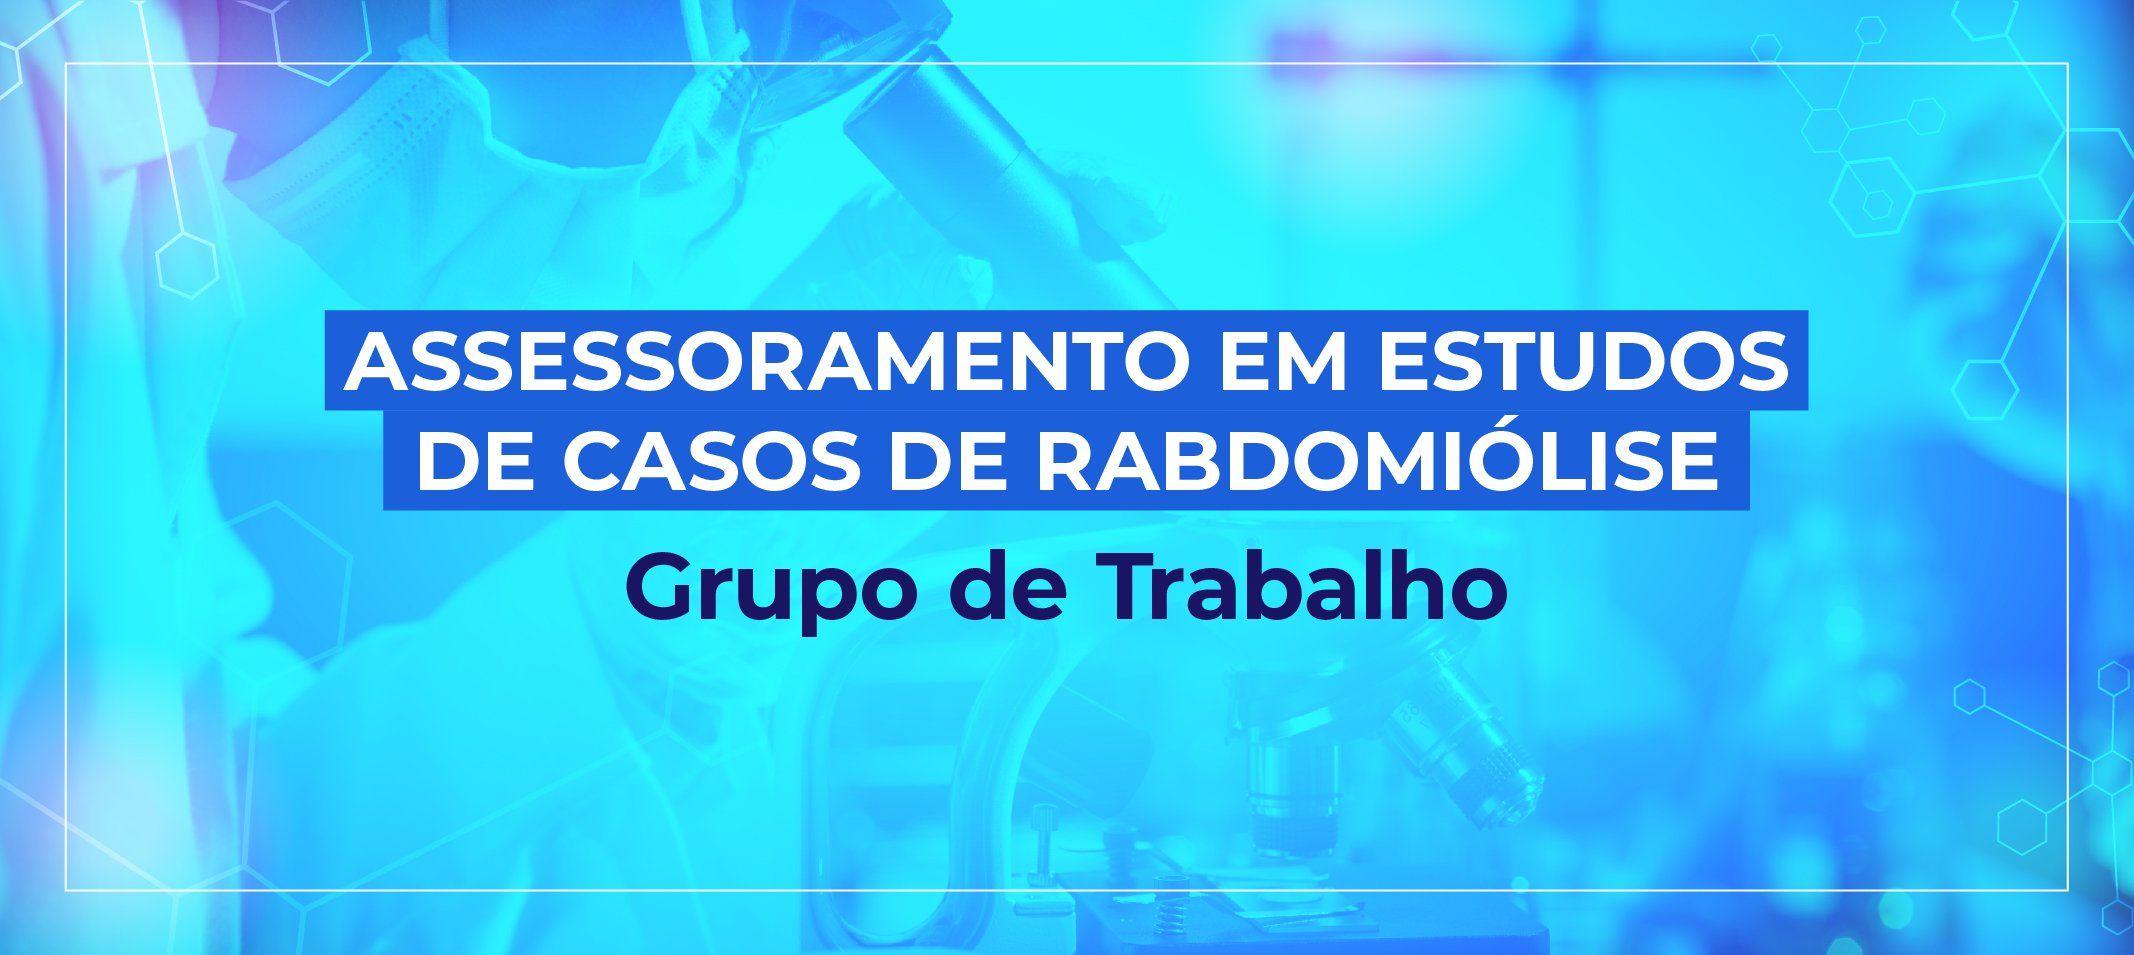 Ufam institui Grupo de Trabalho para estudo técnico relativo a casos de Rabdomiólise e toxinfecção alimentar no Amazonas